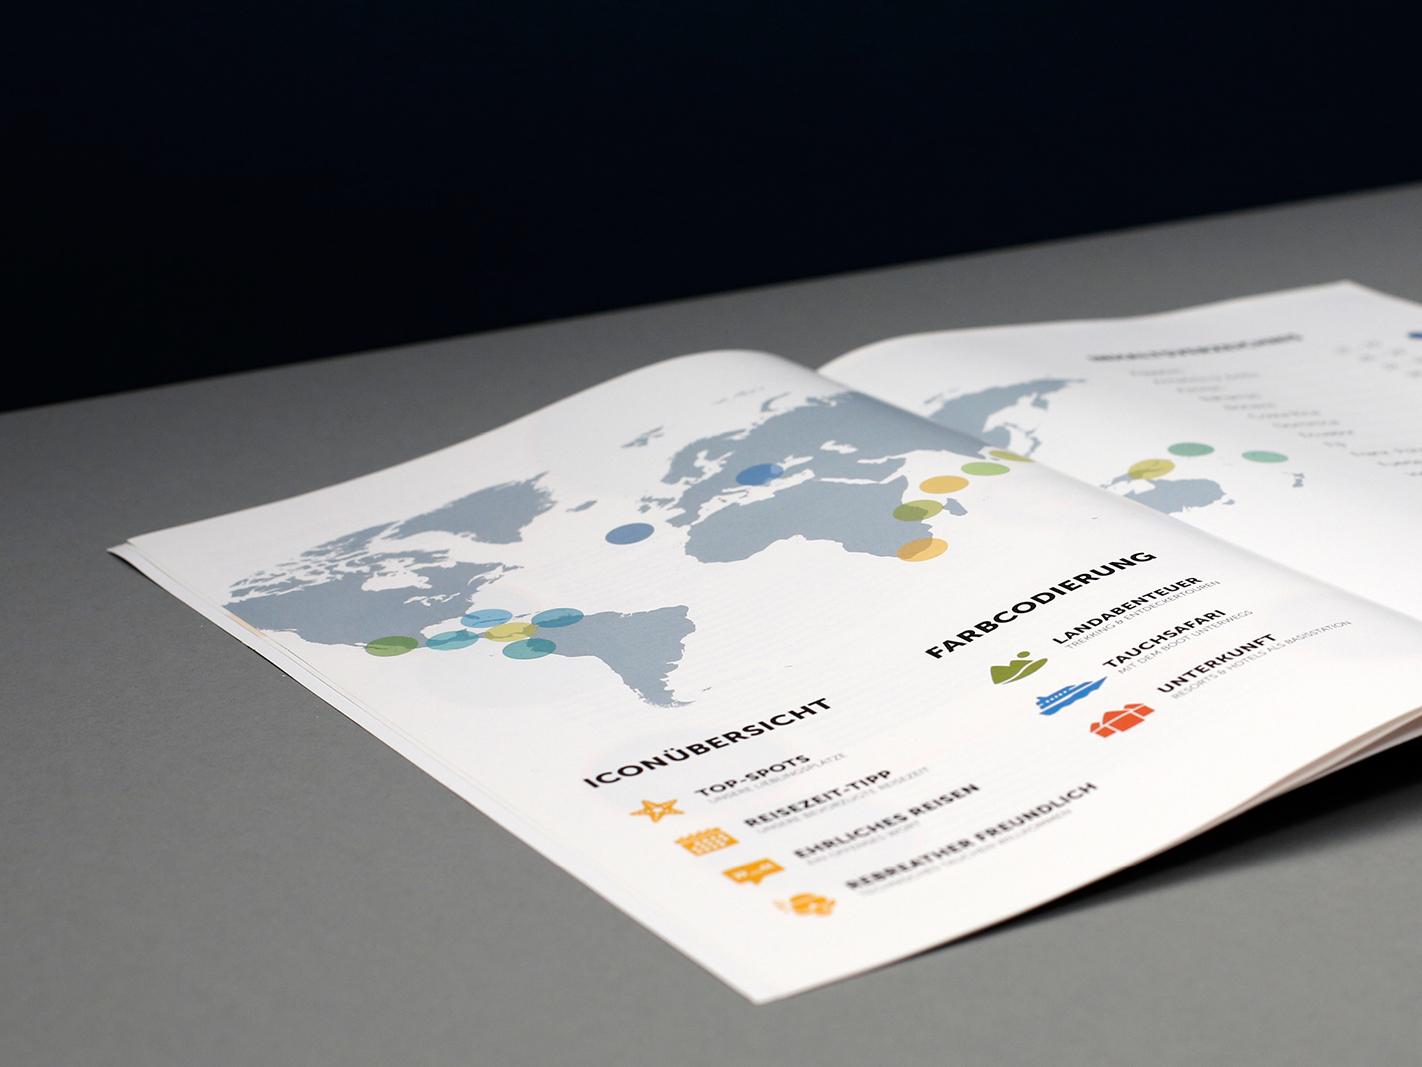 ATK-WIRO-DIVE-Tauchen-Reisen-Katalog-Editorial-Design-103.jpg